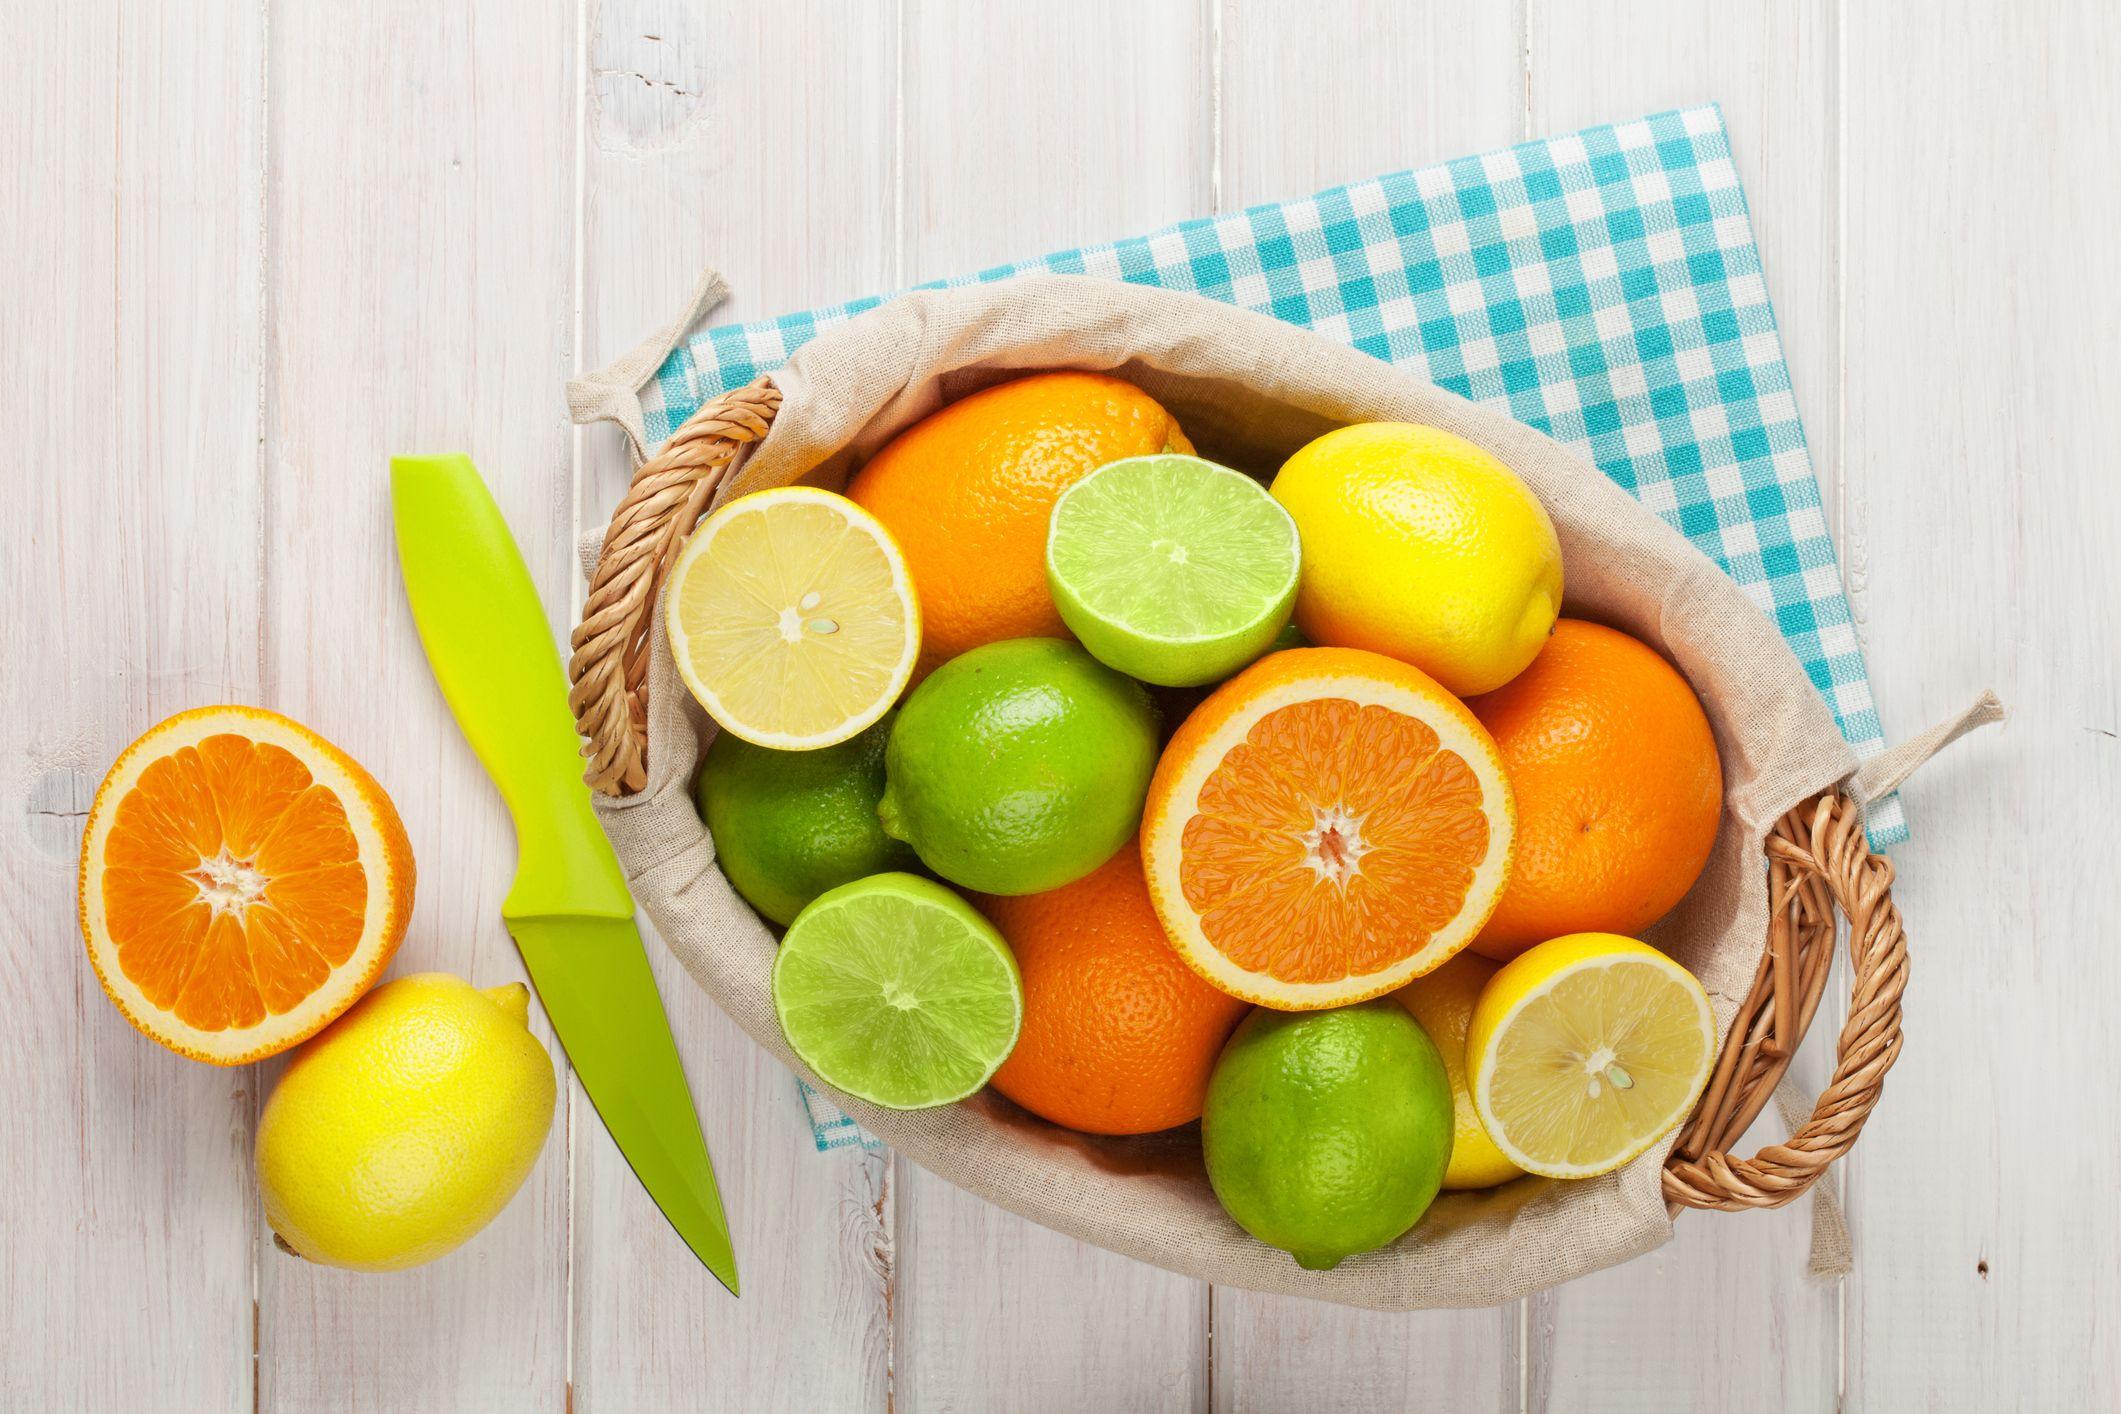 Zitrusfrüchte im Korb